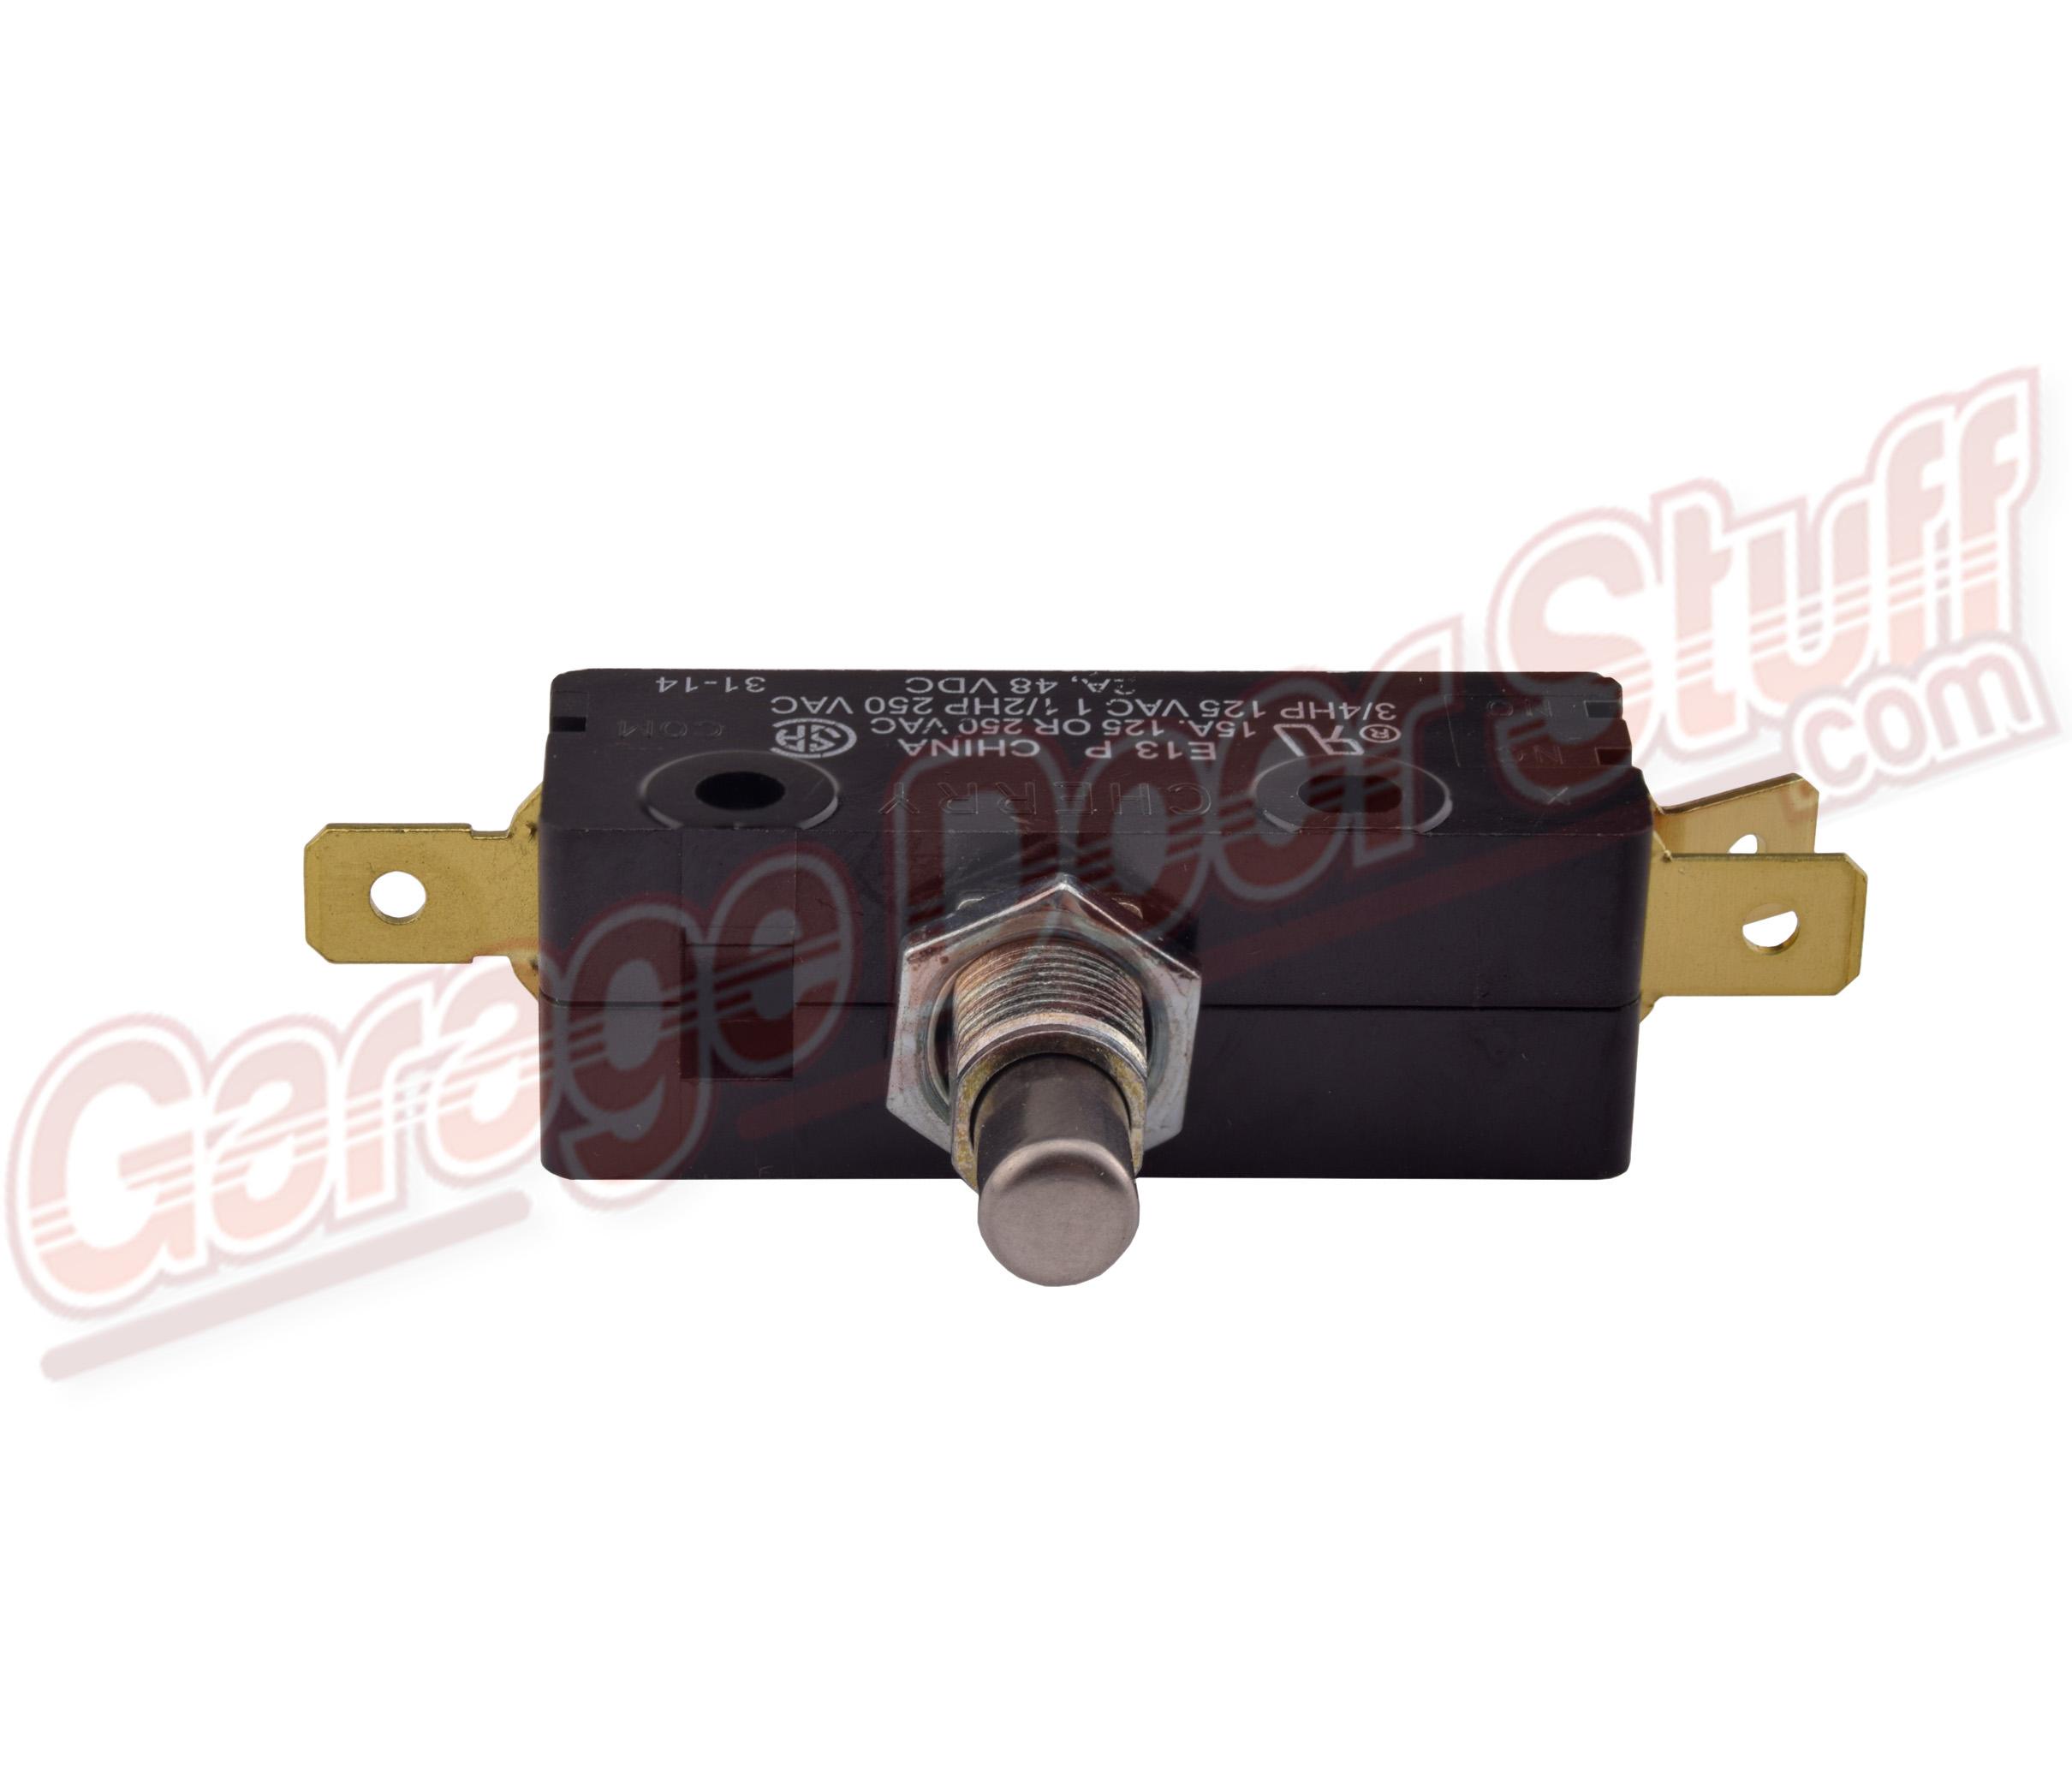 garage door limit switch - 28 images - garage door won t stay closed, garage door opener remote ...